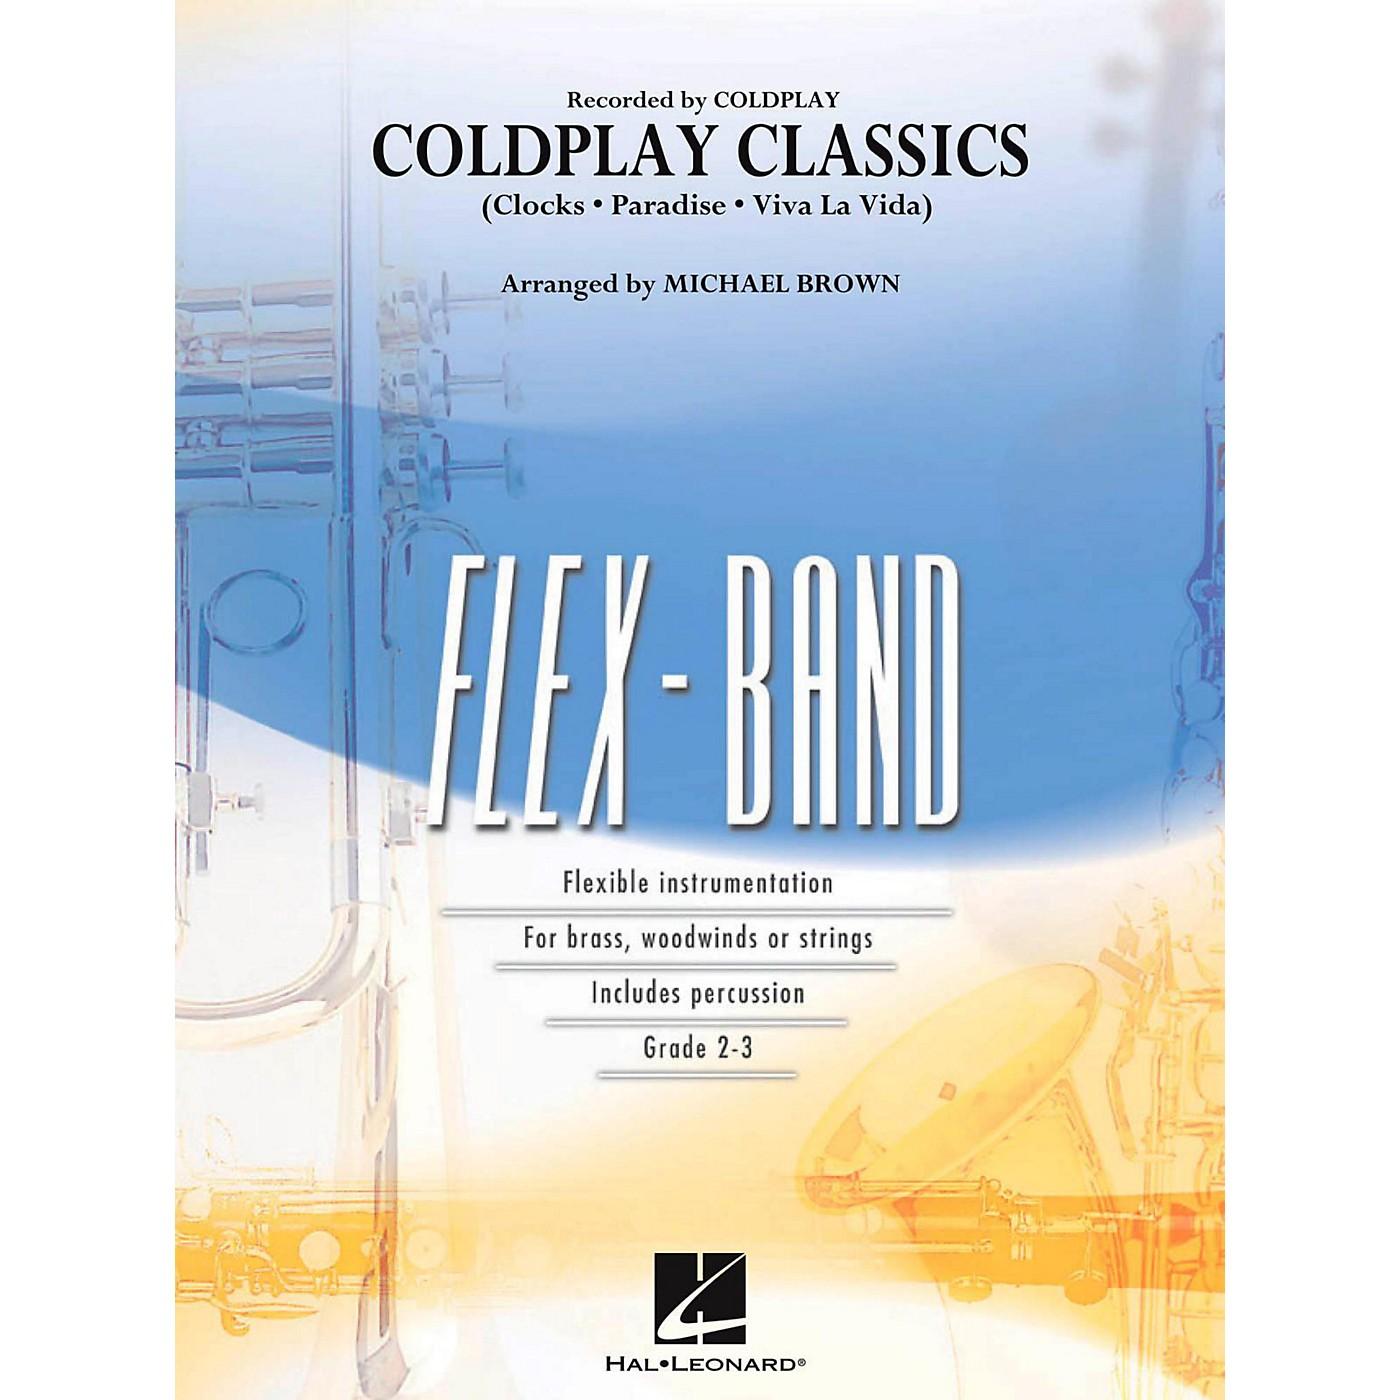 Hal Leonard Coldplay Classics Concert Band Flex-Band Series thumbnail